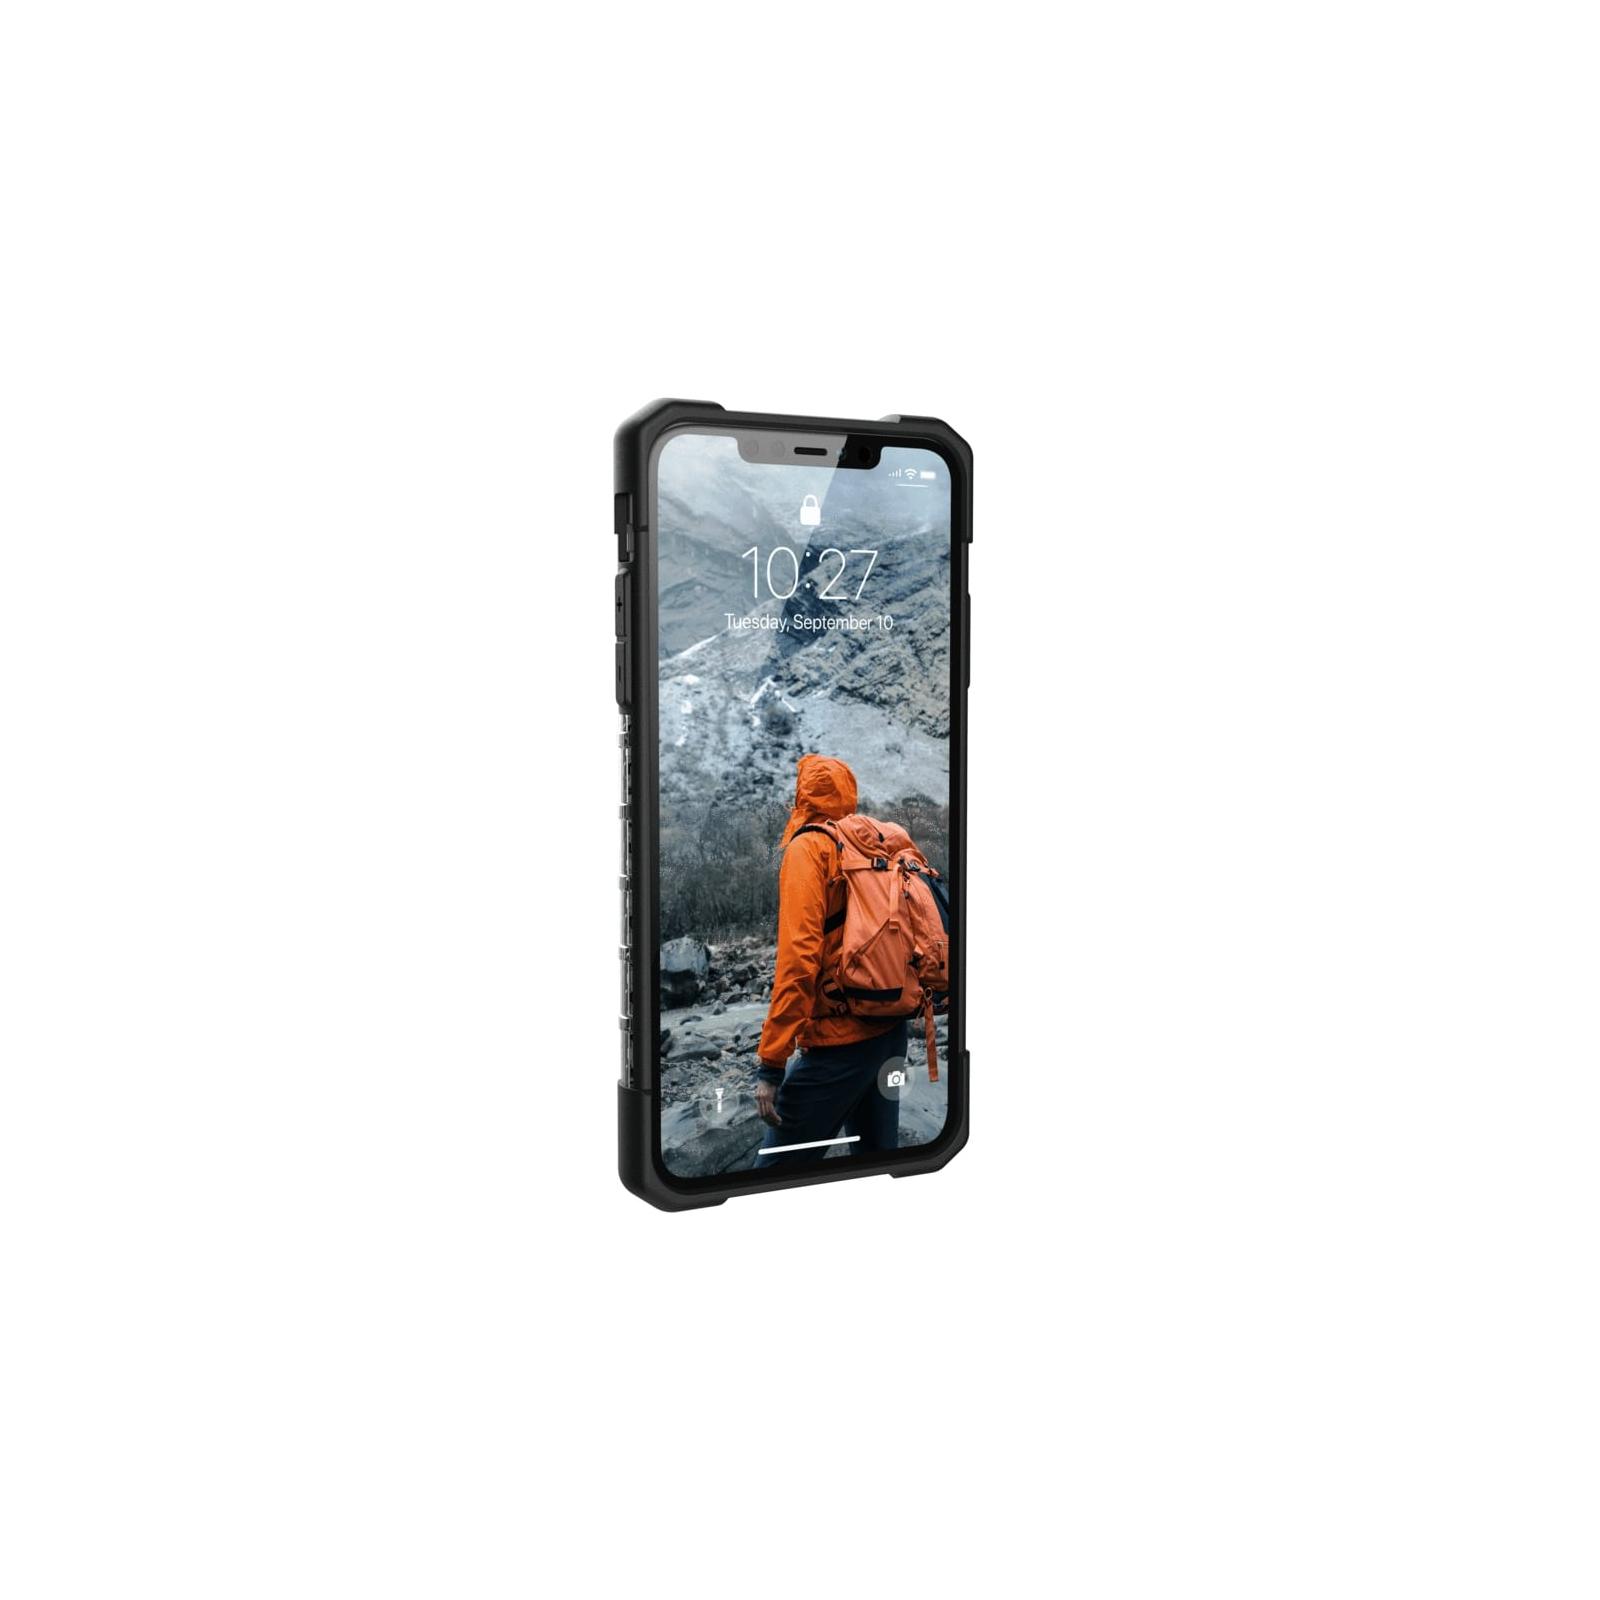 Чехол для моб. телефона Uag iPhone 11 Pro Max Plasma, Ice (111723114343) изображение 5